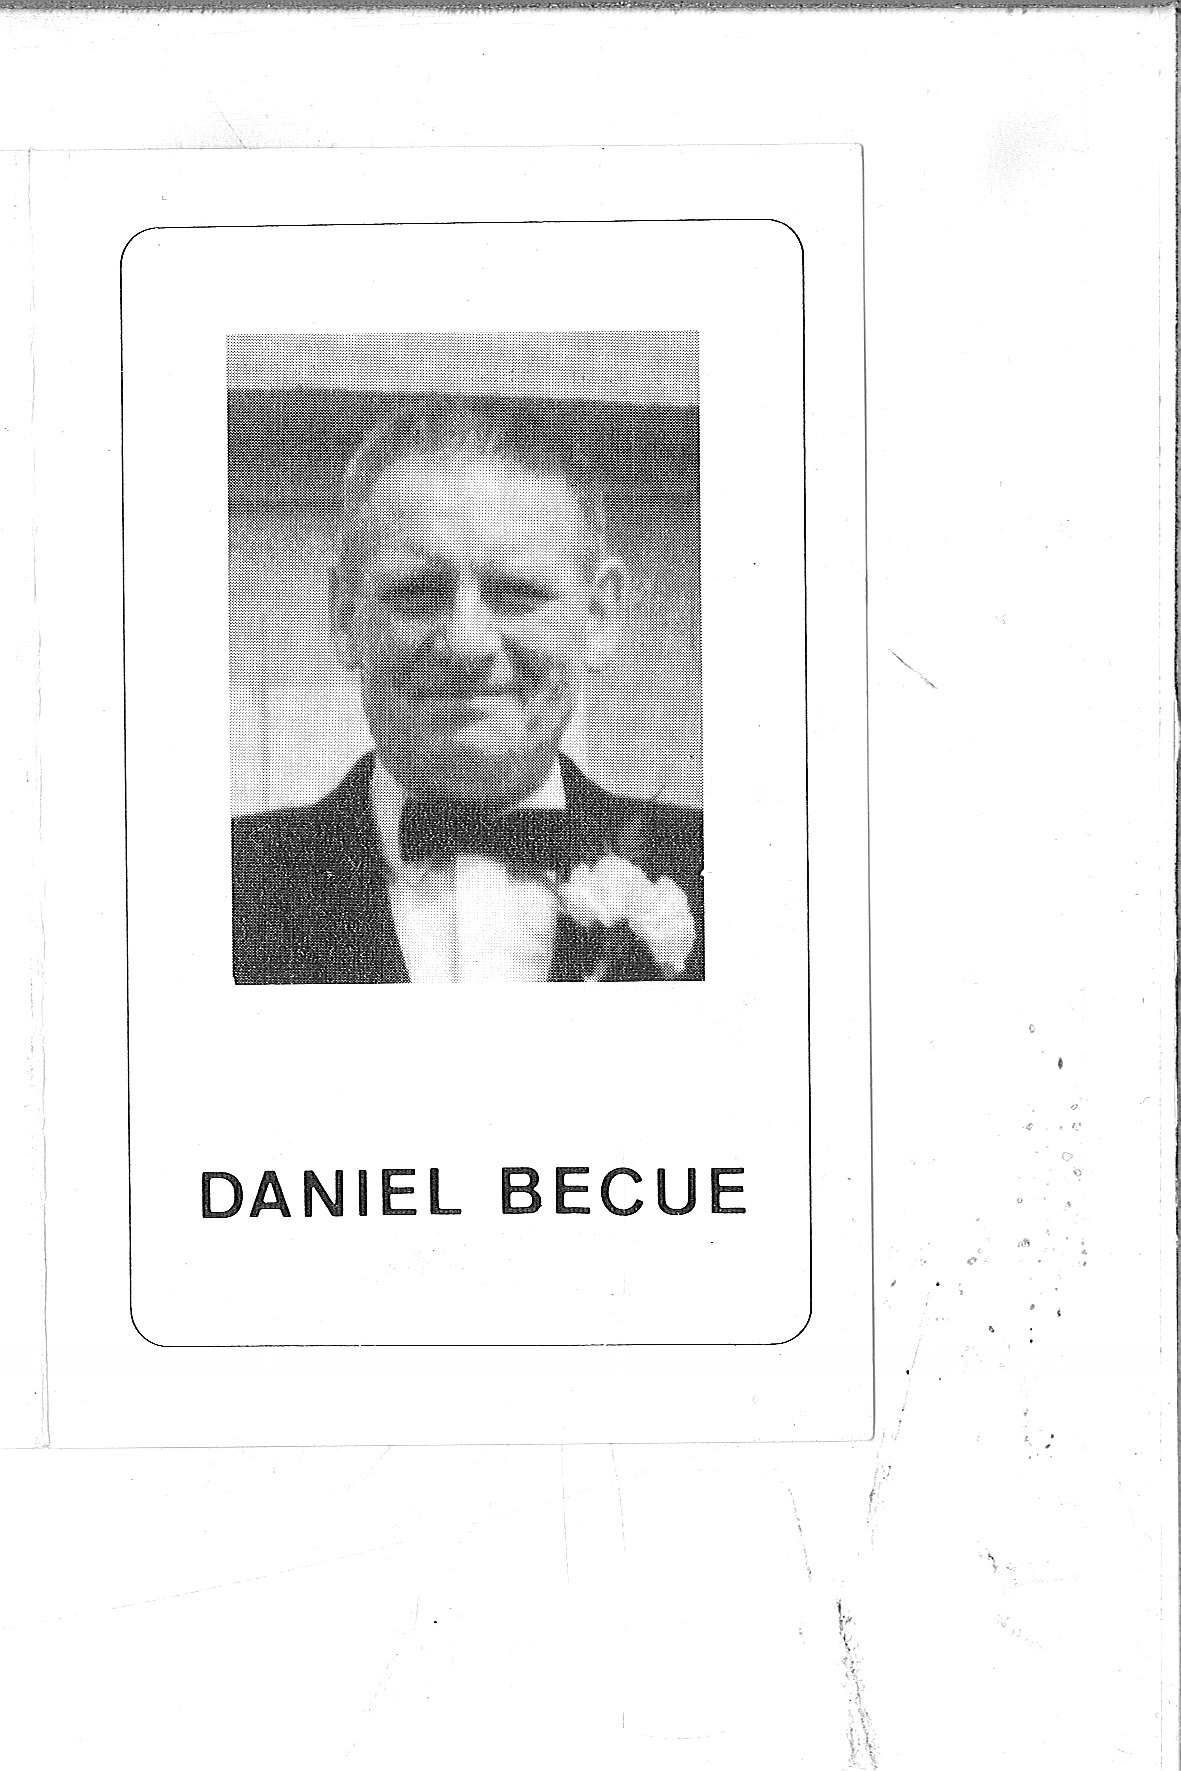 Daniel(1991)20130829095800_00061.jpg